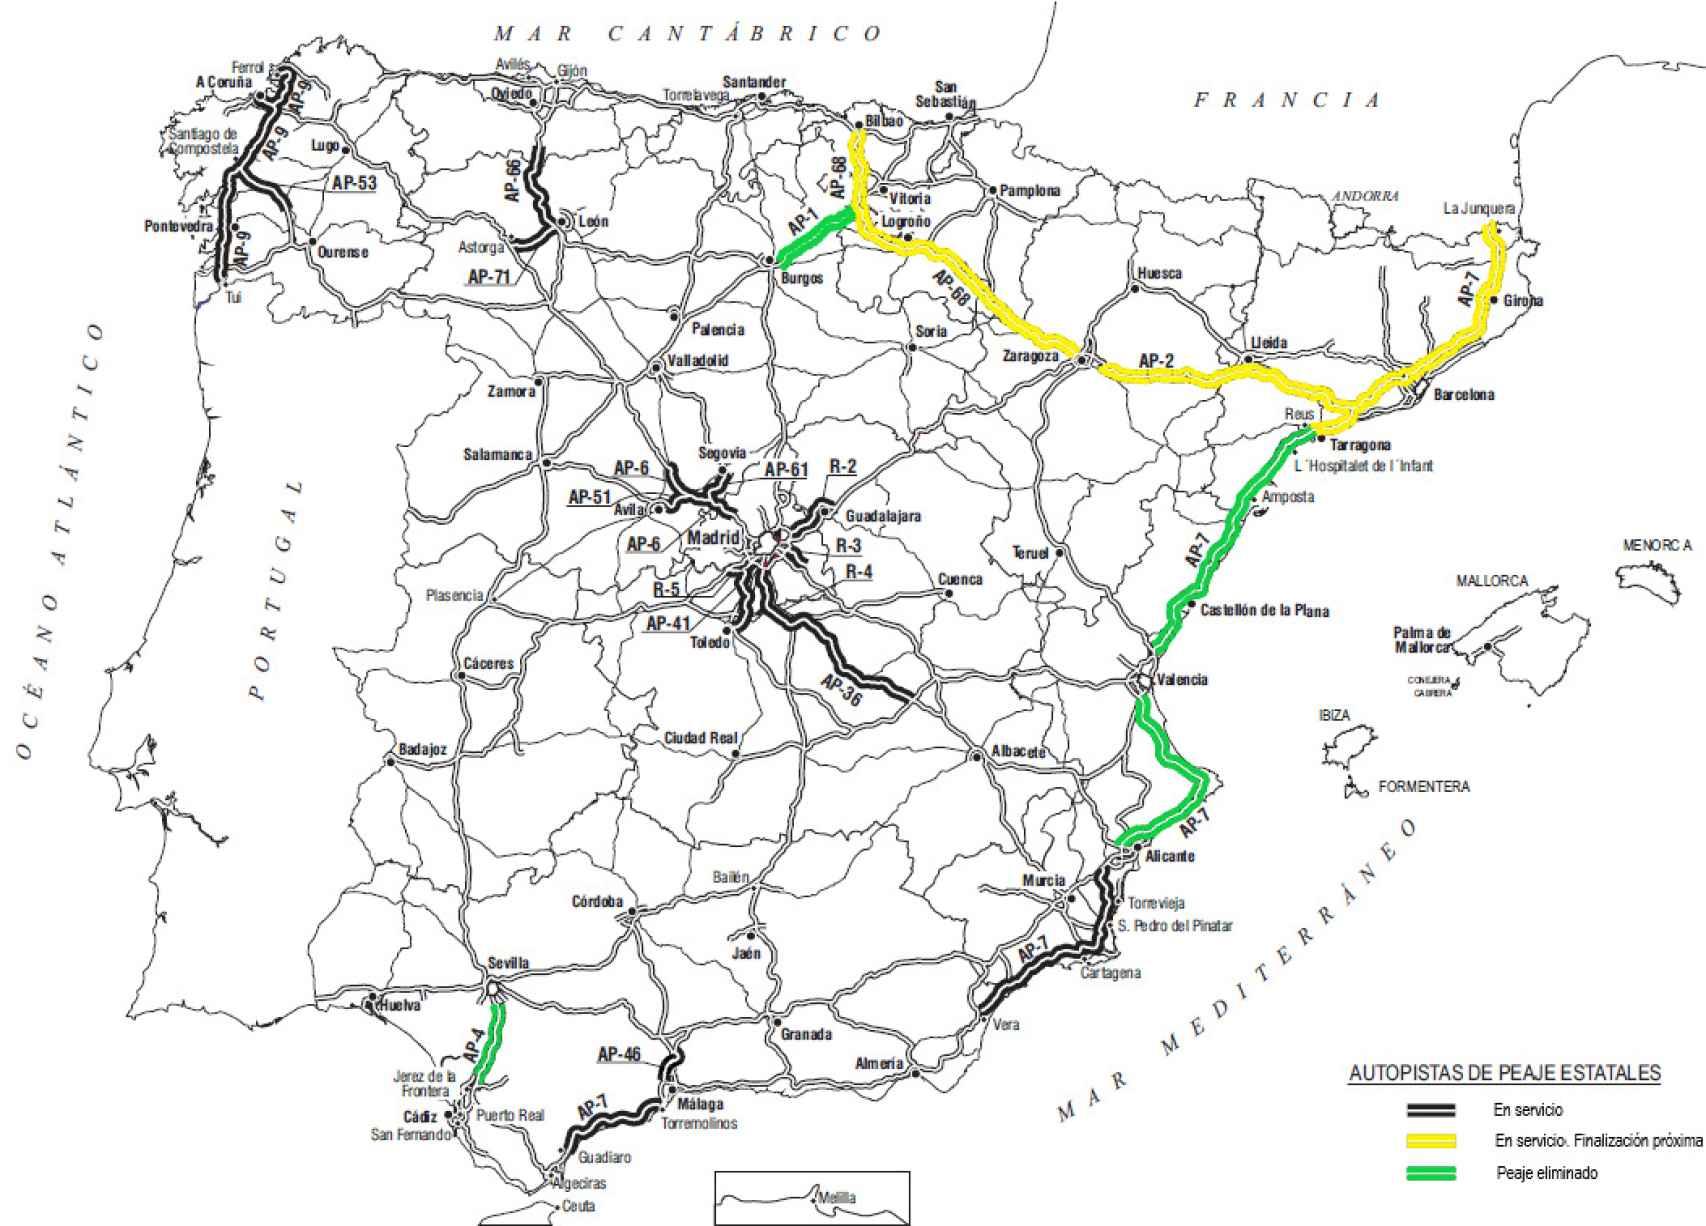 Mapa de las actuales autopistas de peaje en España.